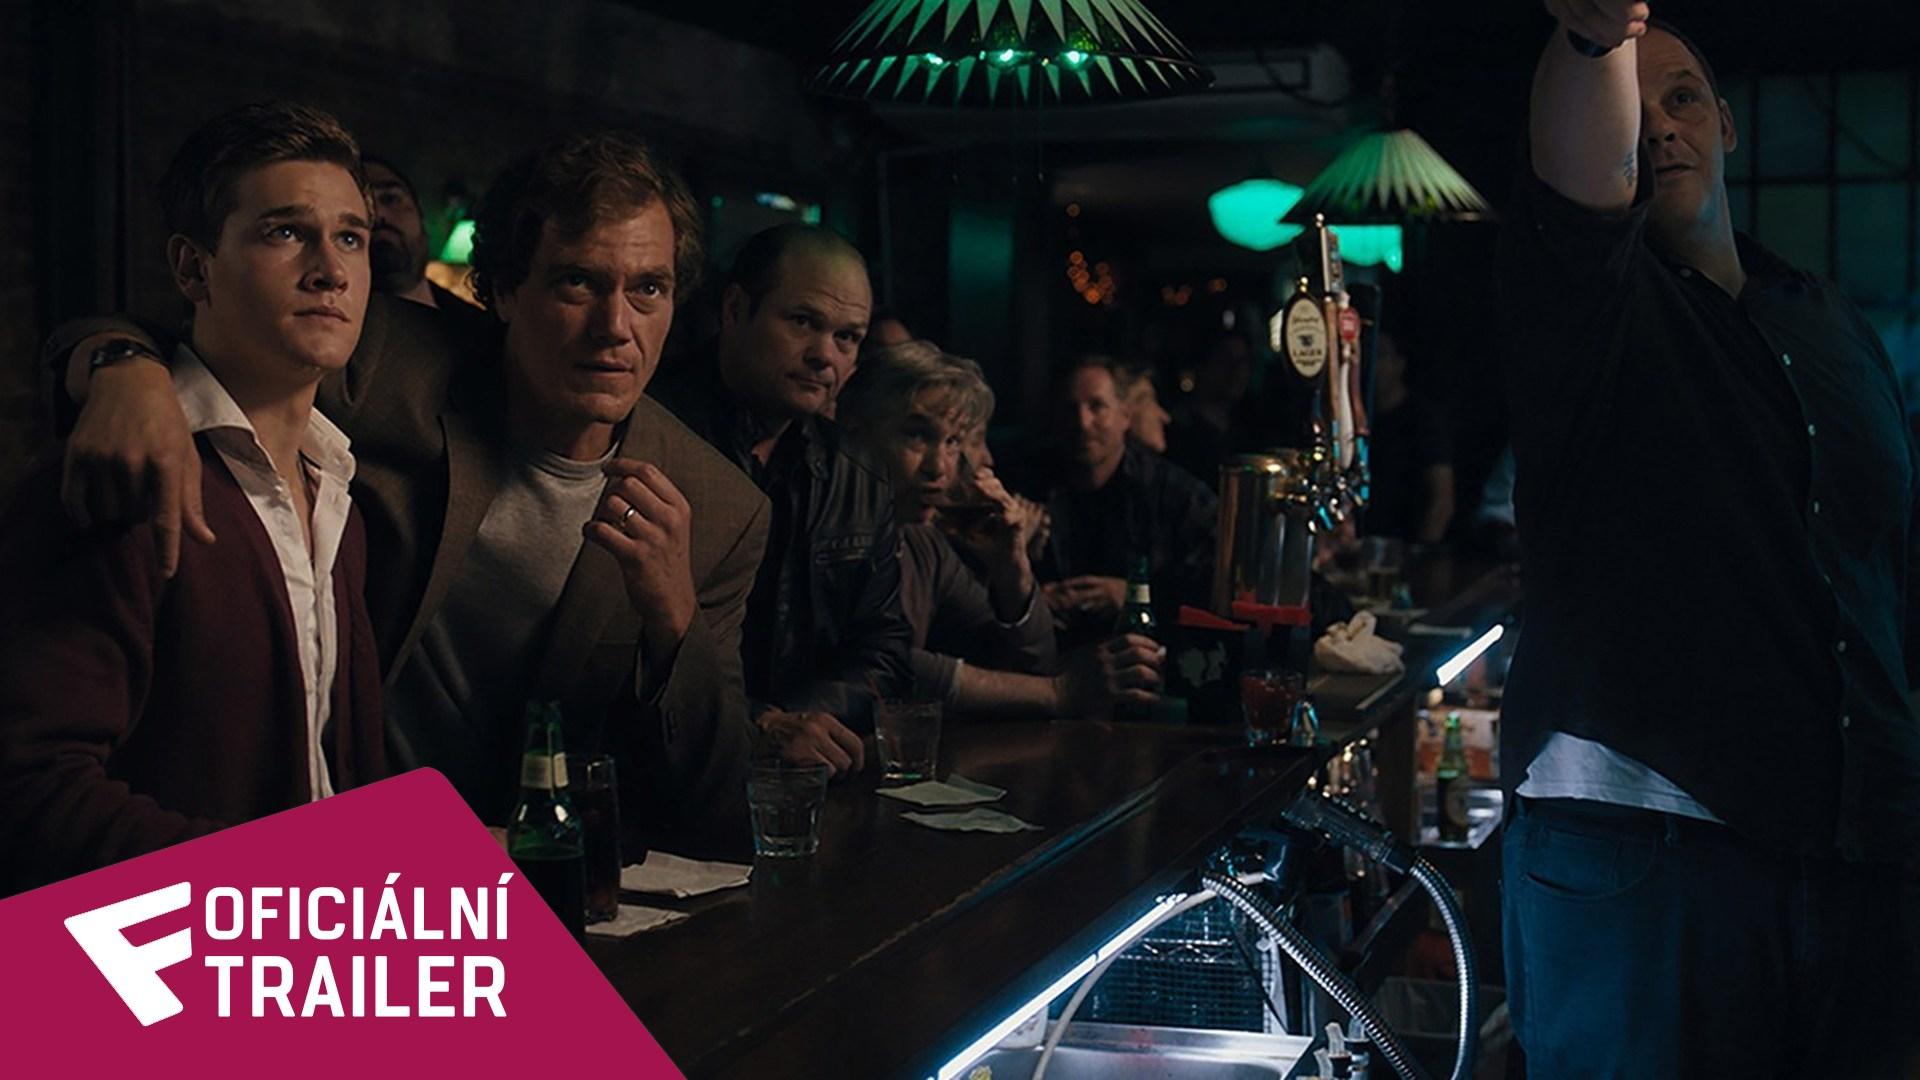 Wolves - Oficiální trailer | Fandíme filmu